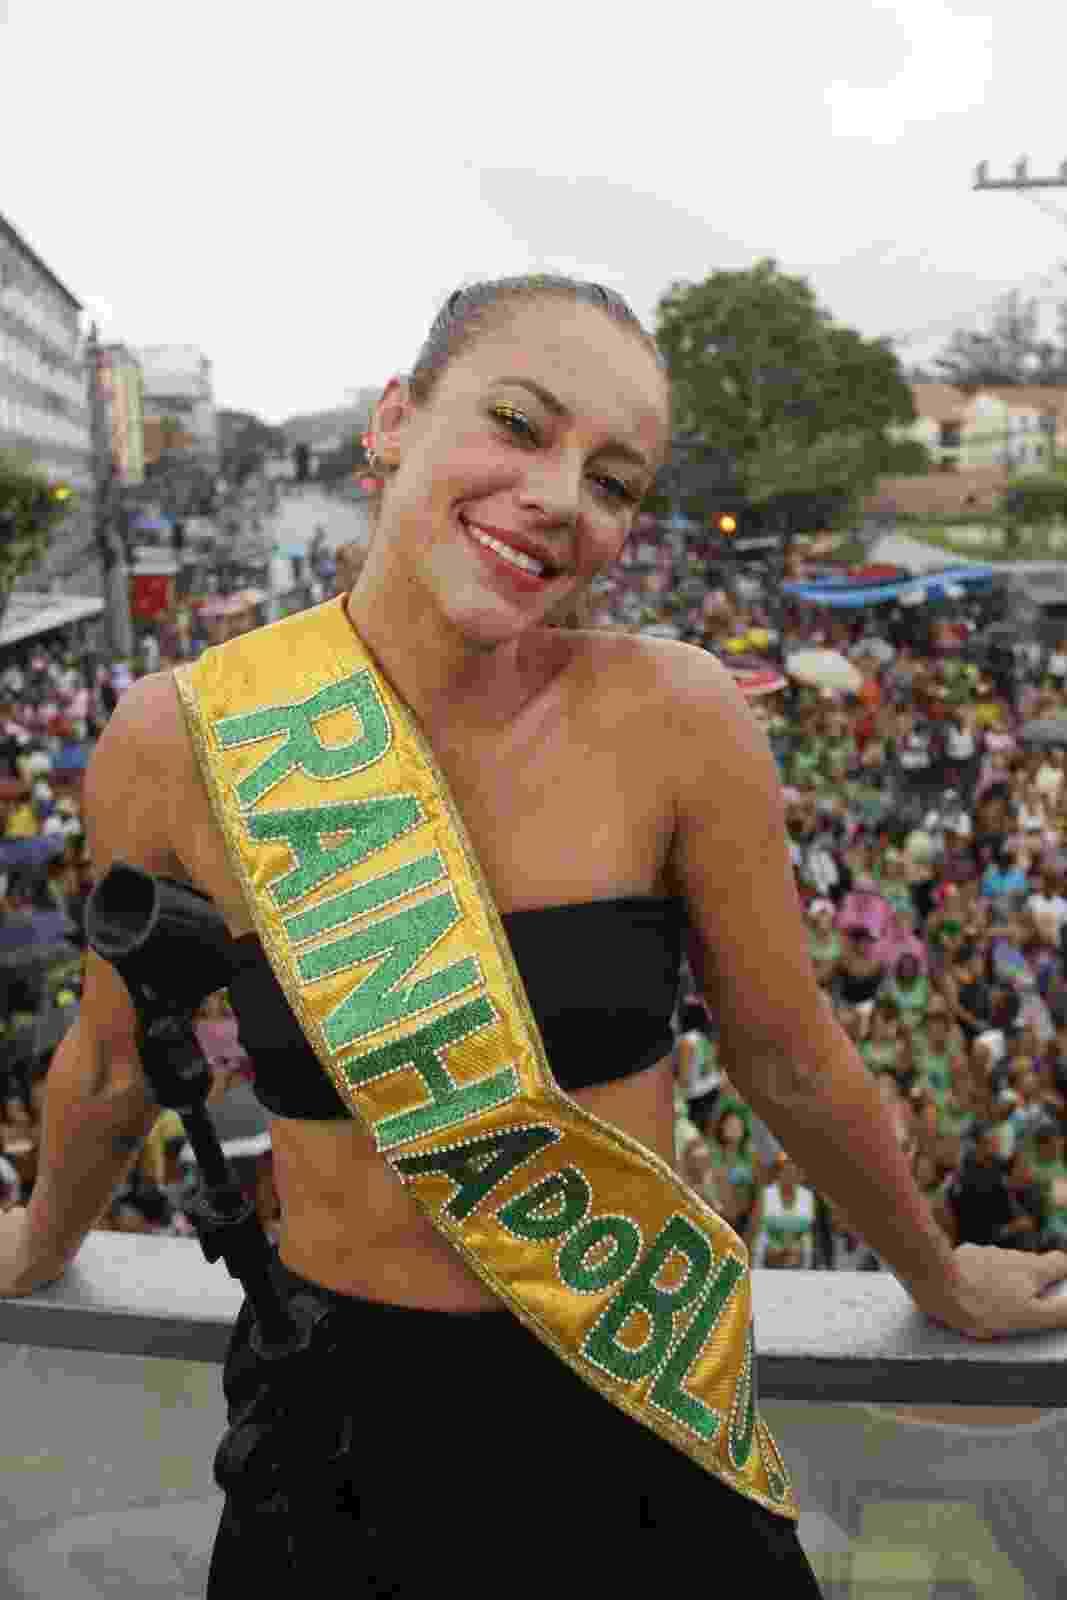 Paolla Oliveira é rainha do bloco Elymar pra Pular, do cantor Elymar Santos, no Rio de Janeiro - J Humberto/AgNews